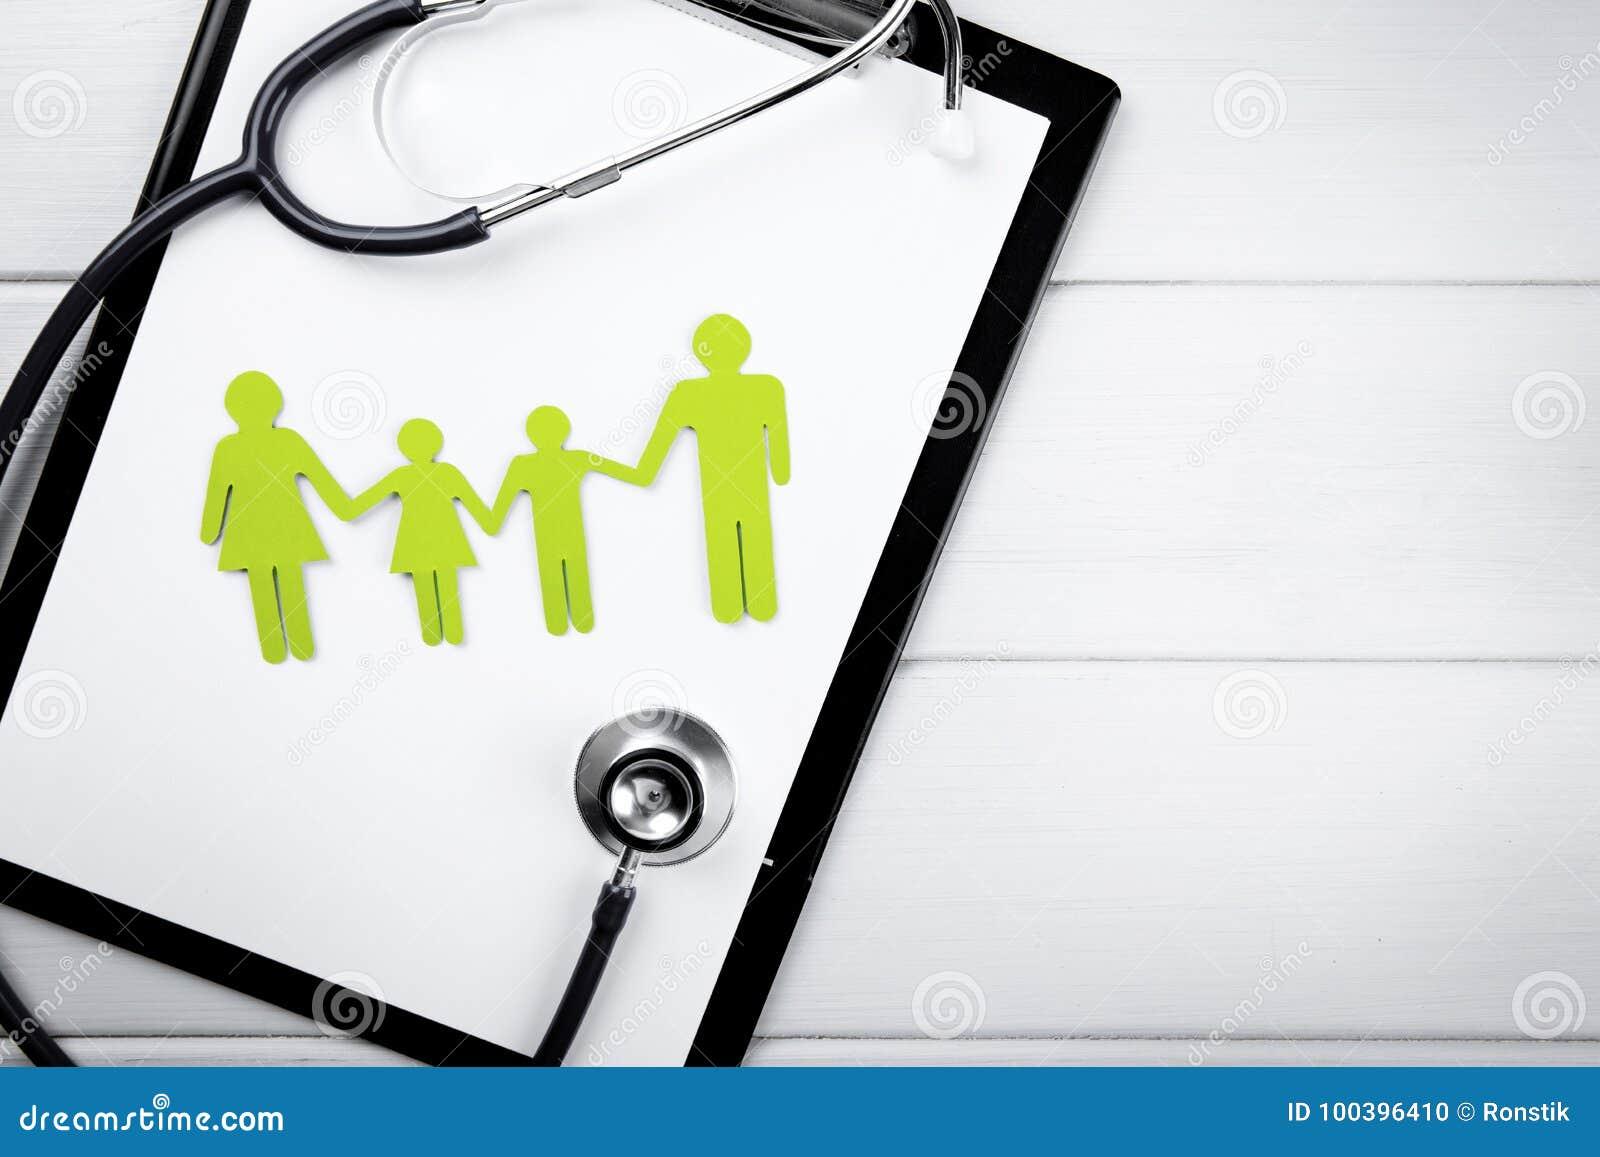 家庭健康和人寿保险概念